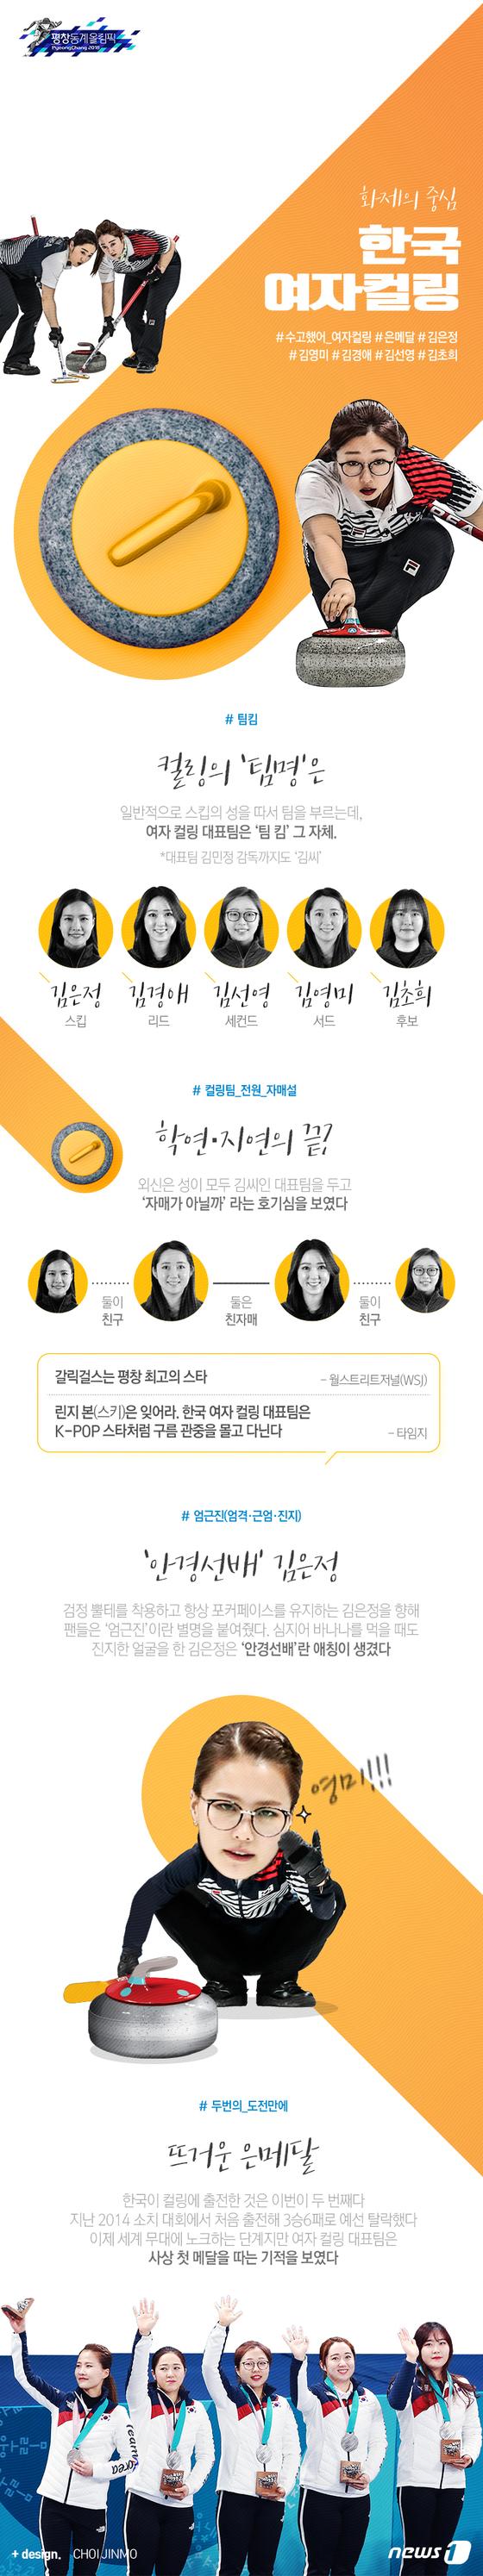 [그래픽뉴스]\